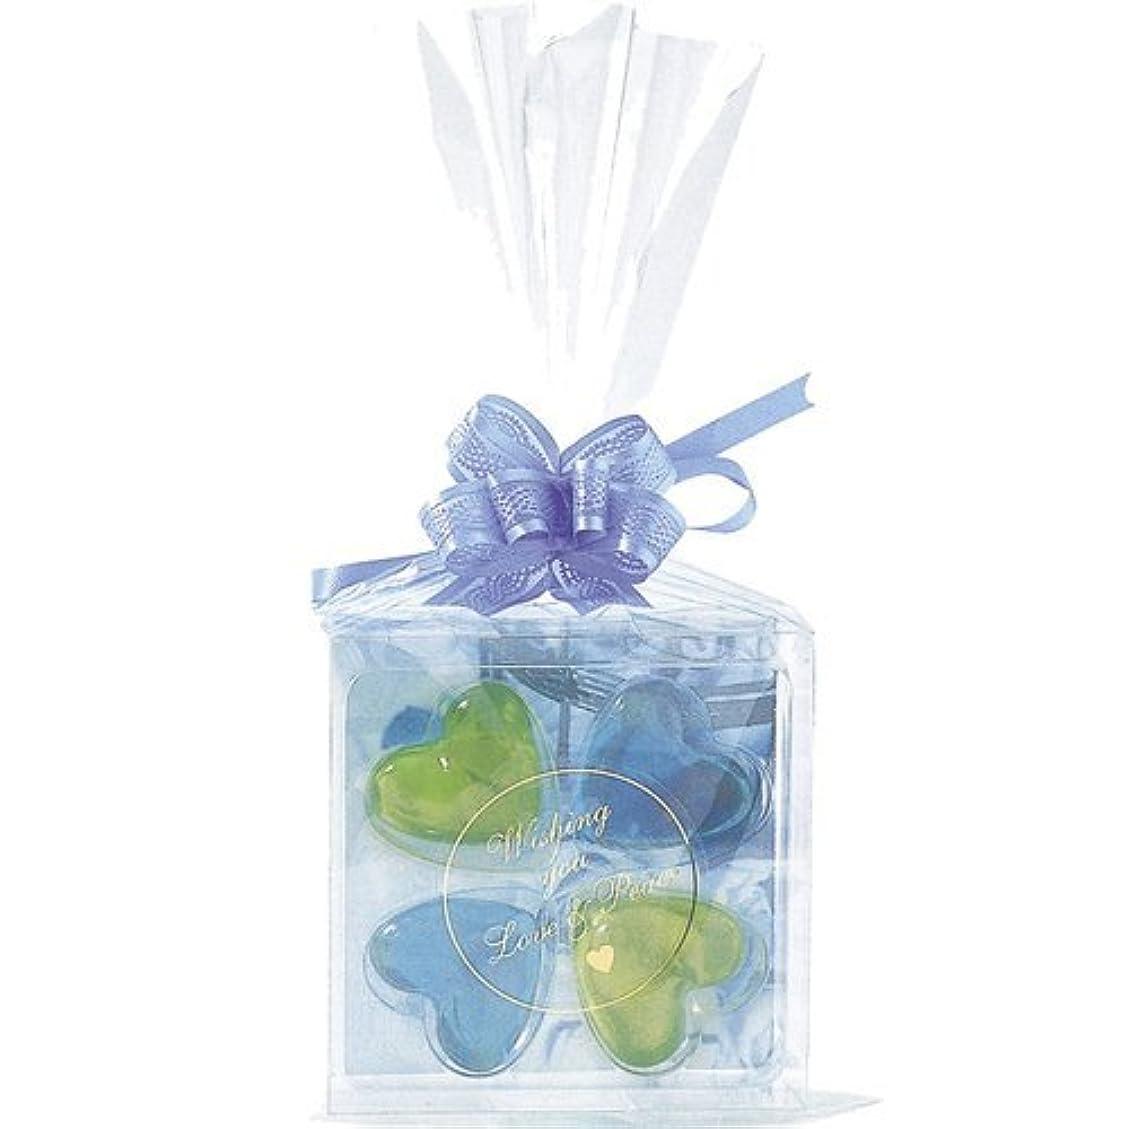 画面練る隠ジーピークリエイツ フォーチューンクローバー ブルー 入浴料セット(グリーンアップル、ベリー)